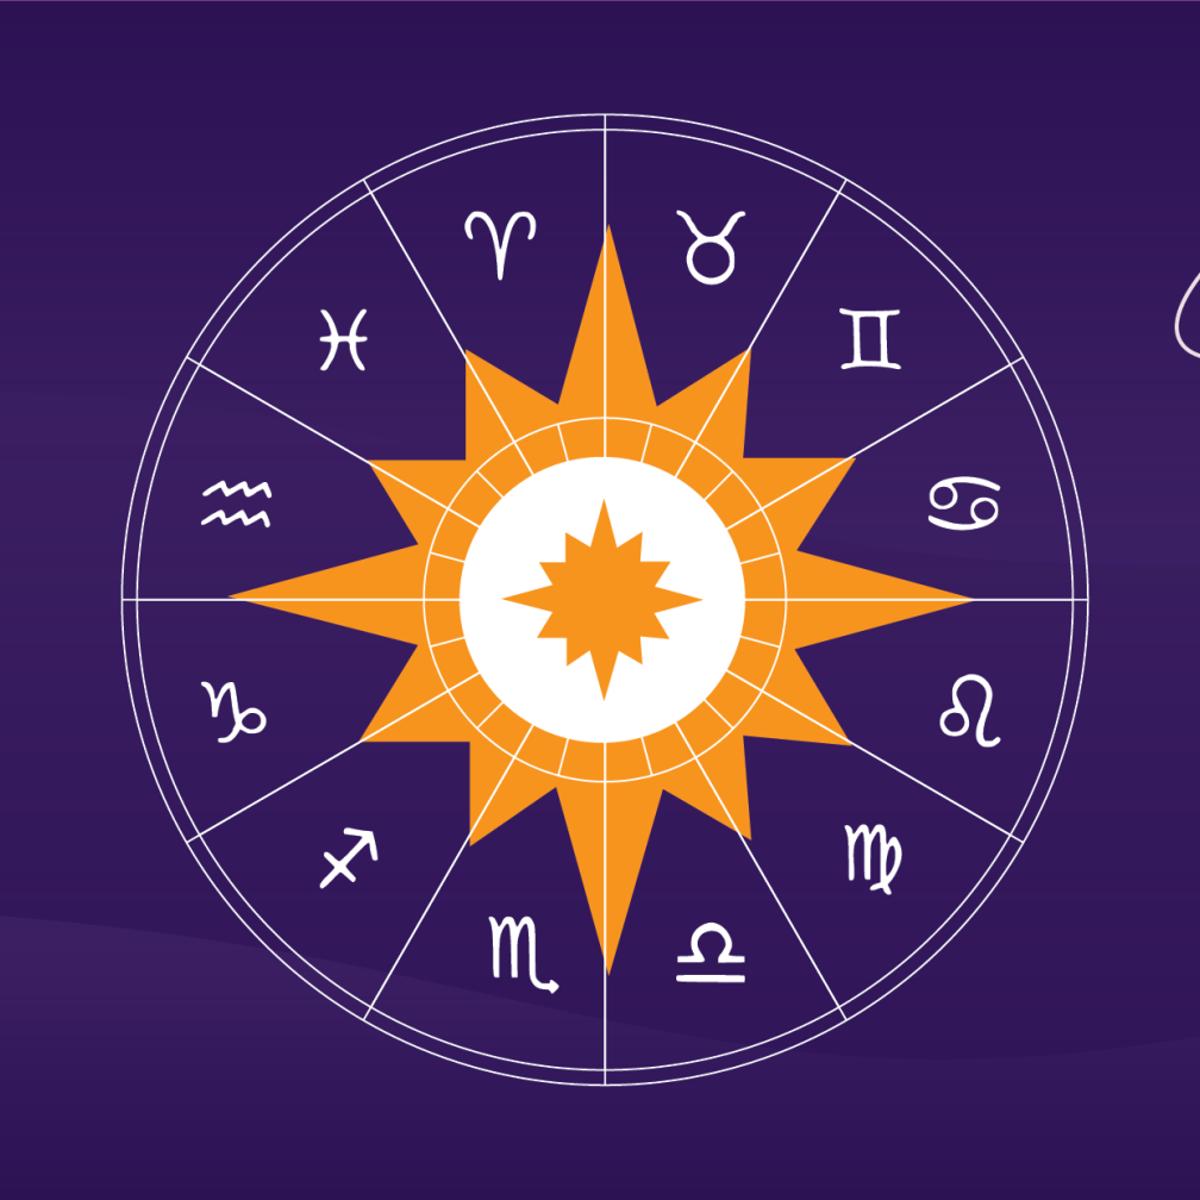 horoskopi-ditor-per-neser-e-marte-29-shtator-2020